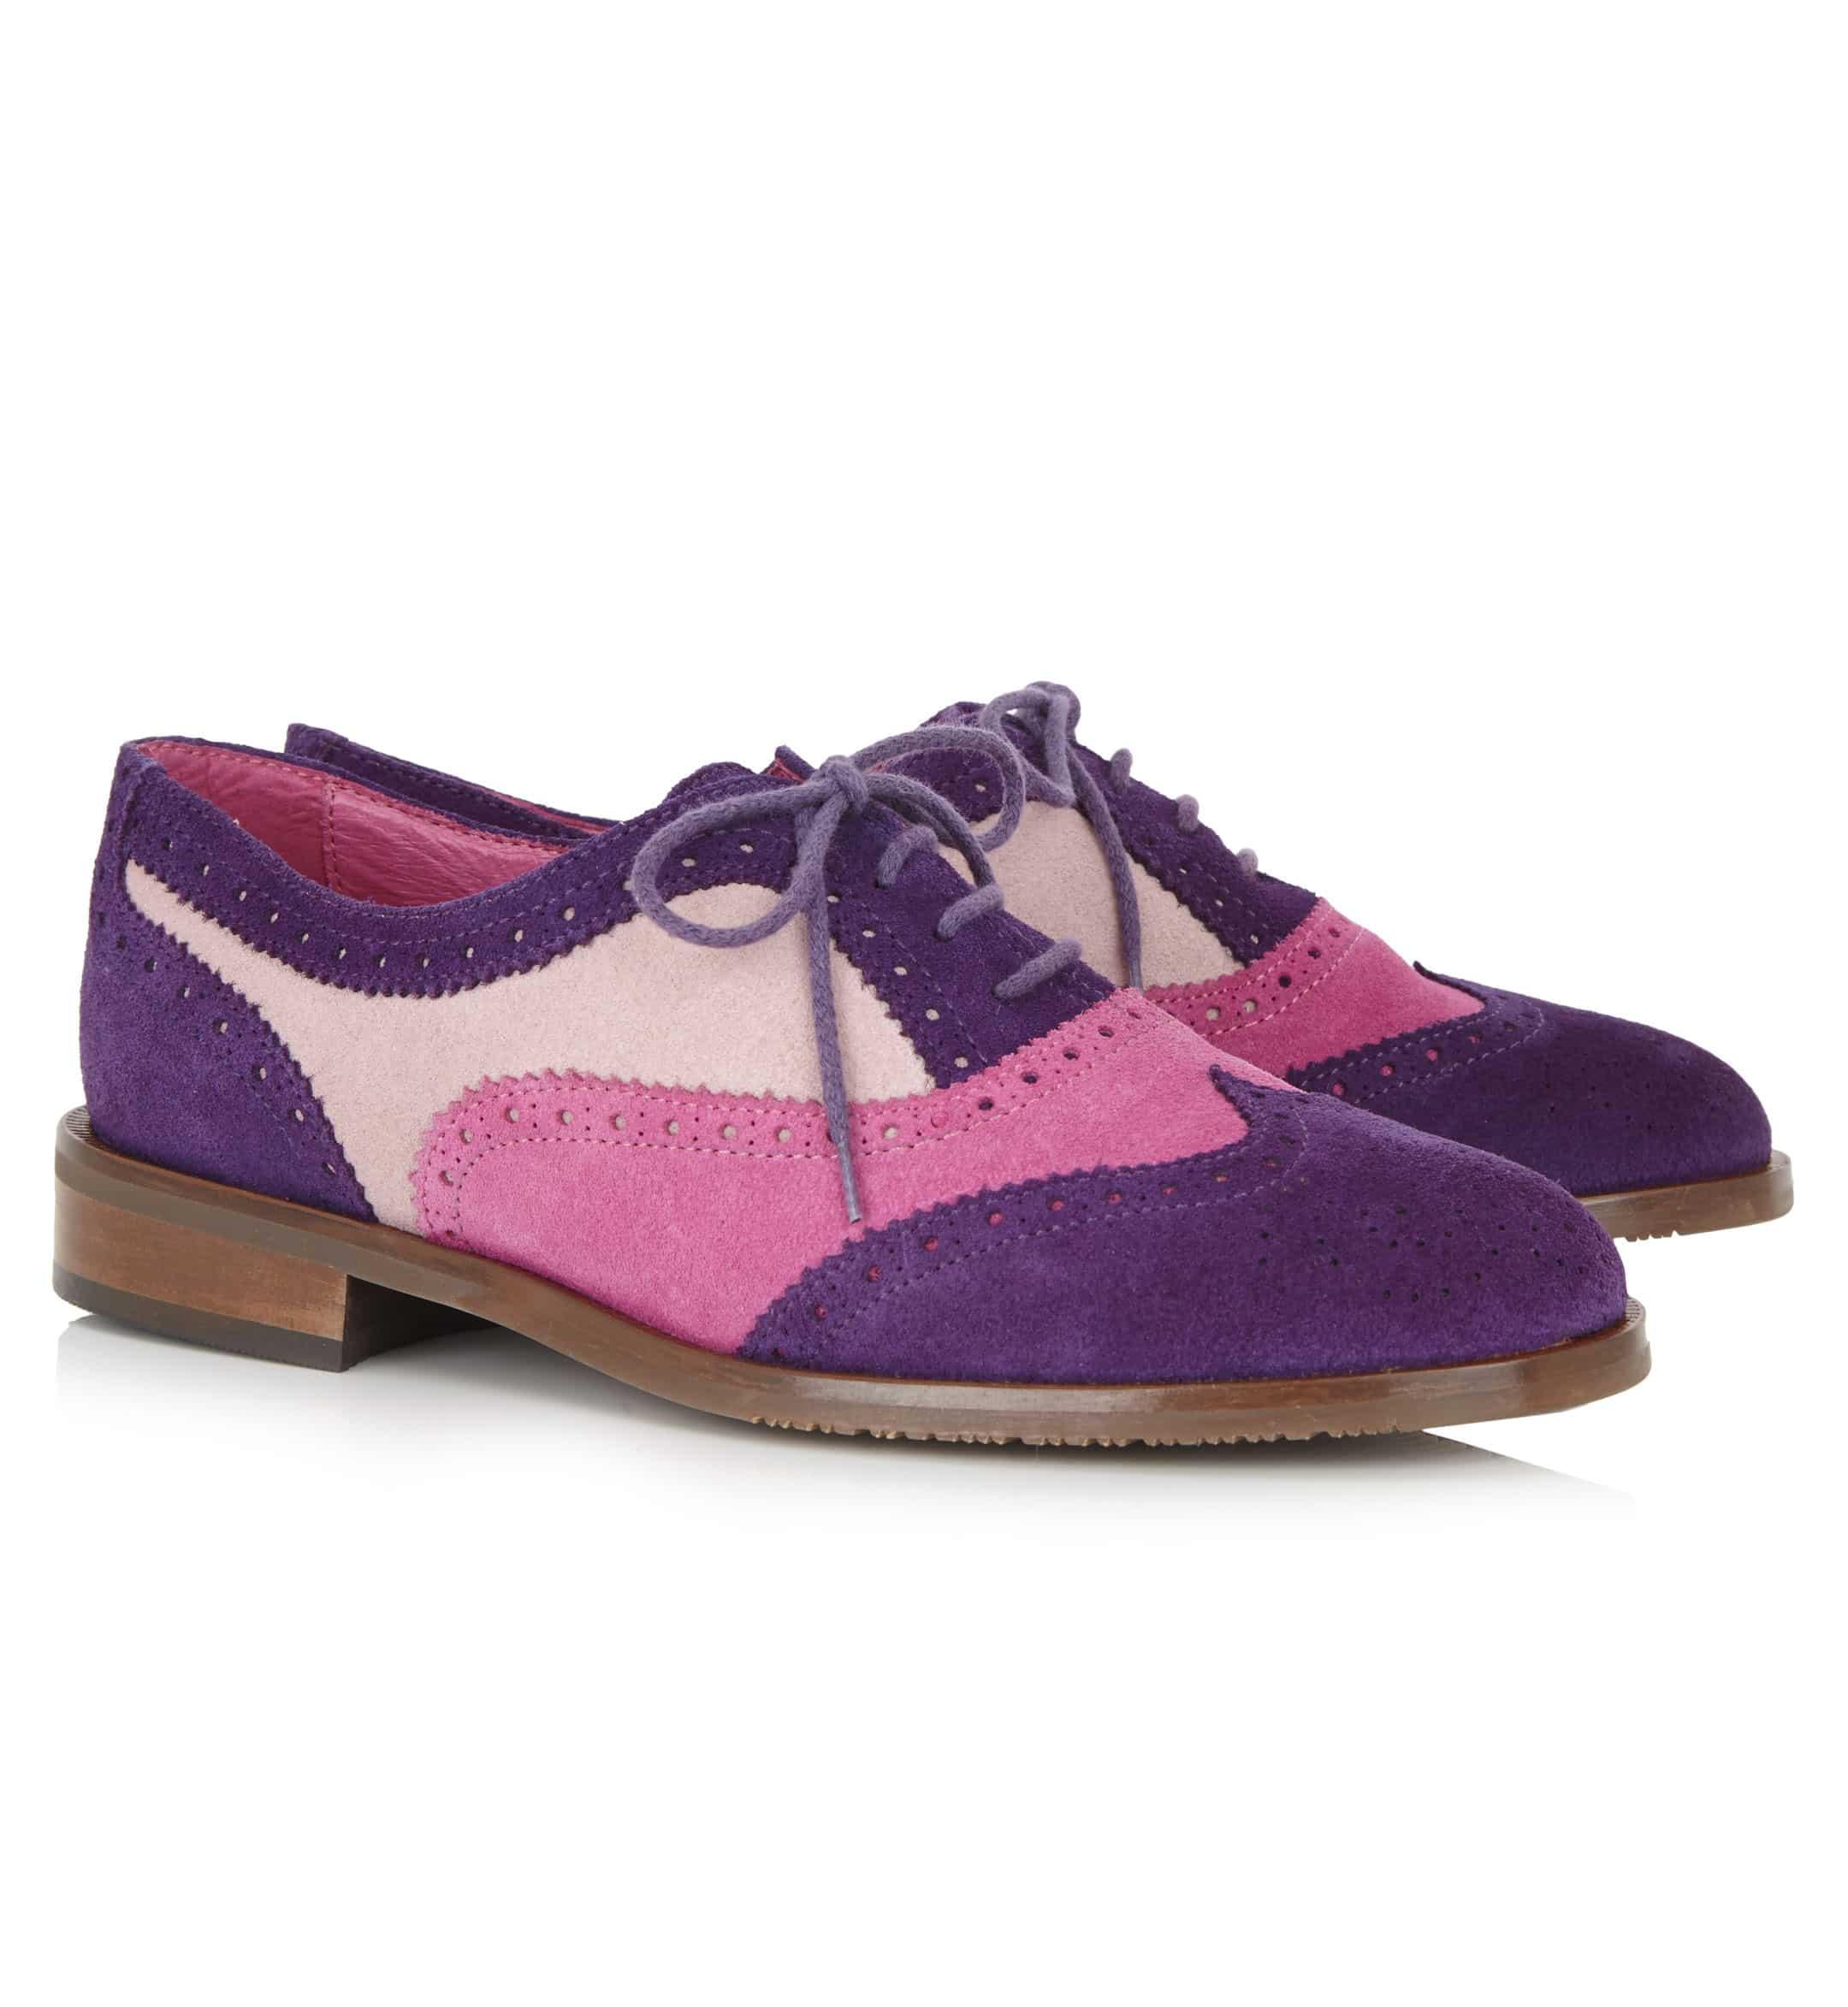 Victoria – Pink/Purple Suede Brogue